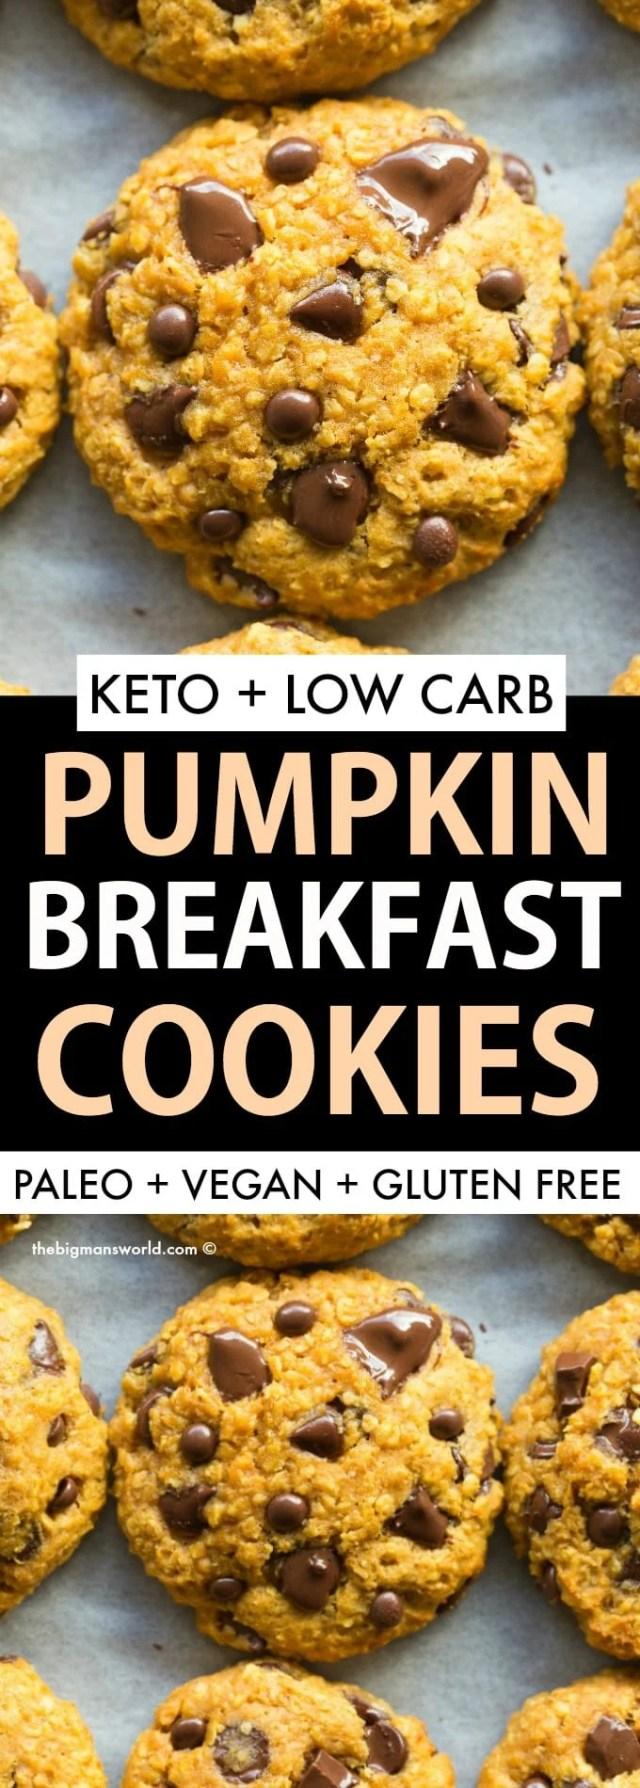 Paleo Pumpkin Breakfast Cookies Recipe